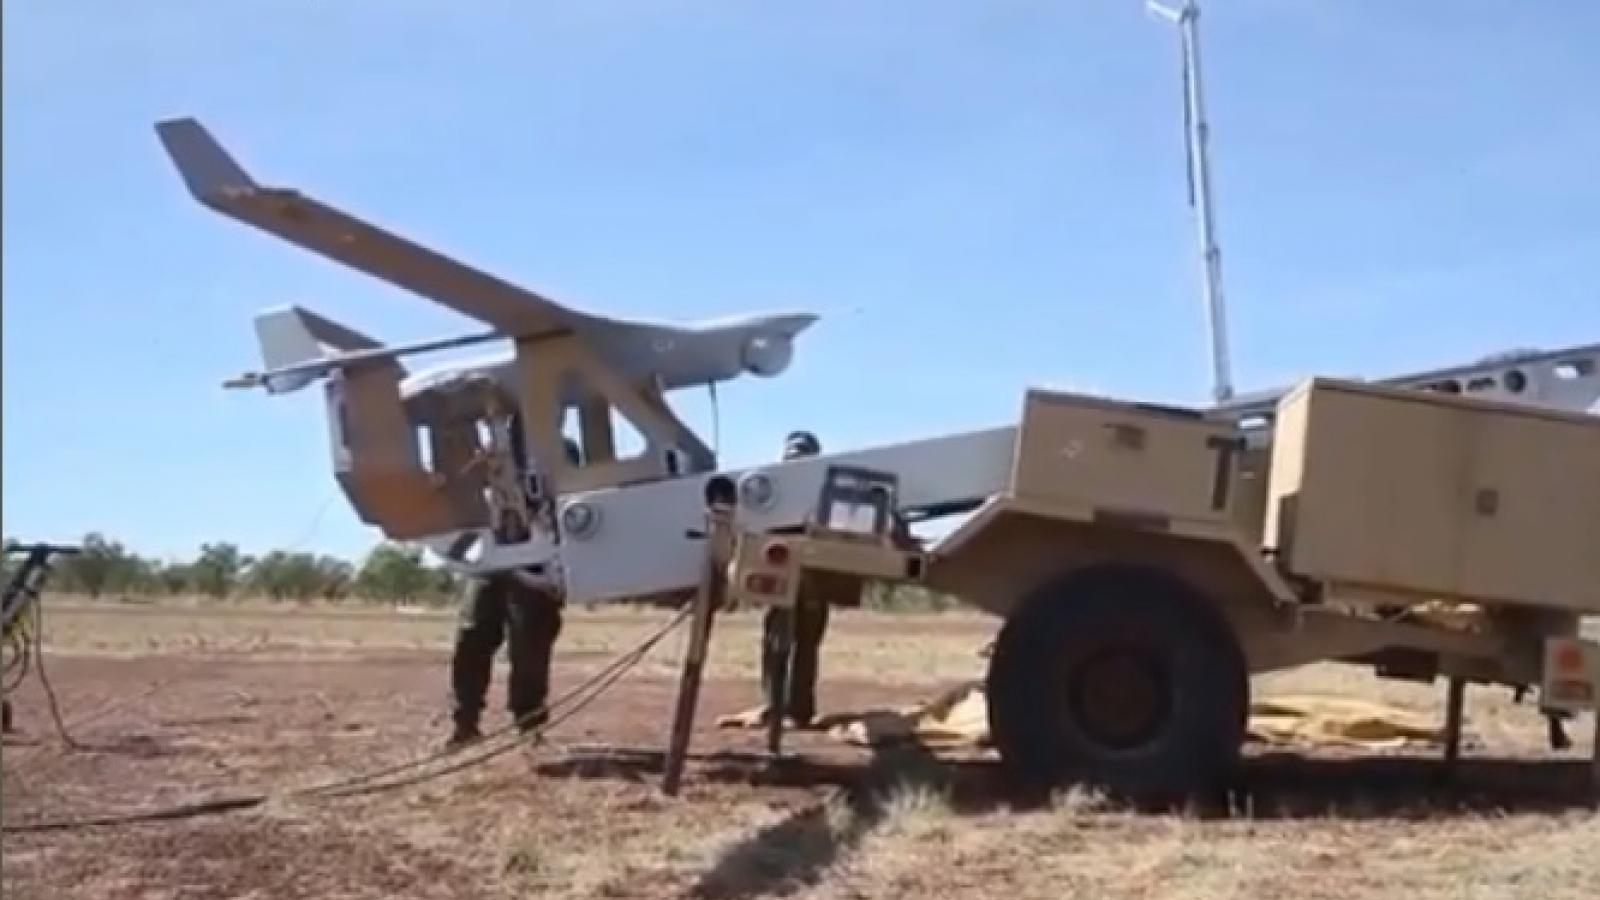 Toàn cảnh phóng máy bay không người lái RQ-21 Blackjack của quân Mỹ